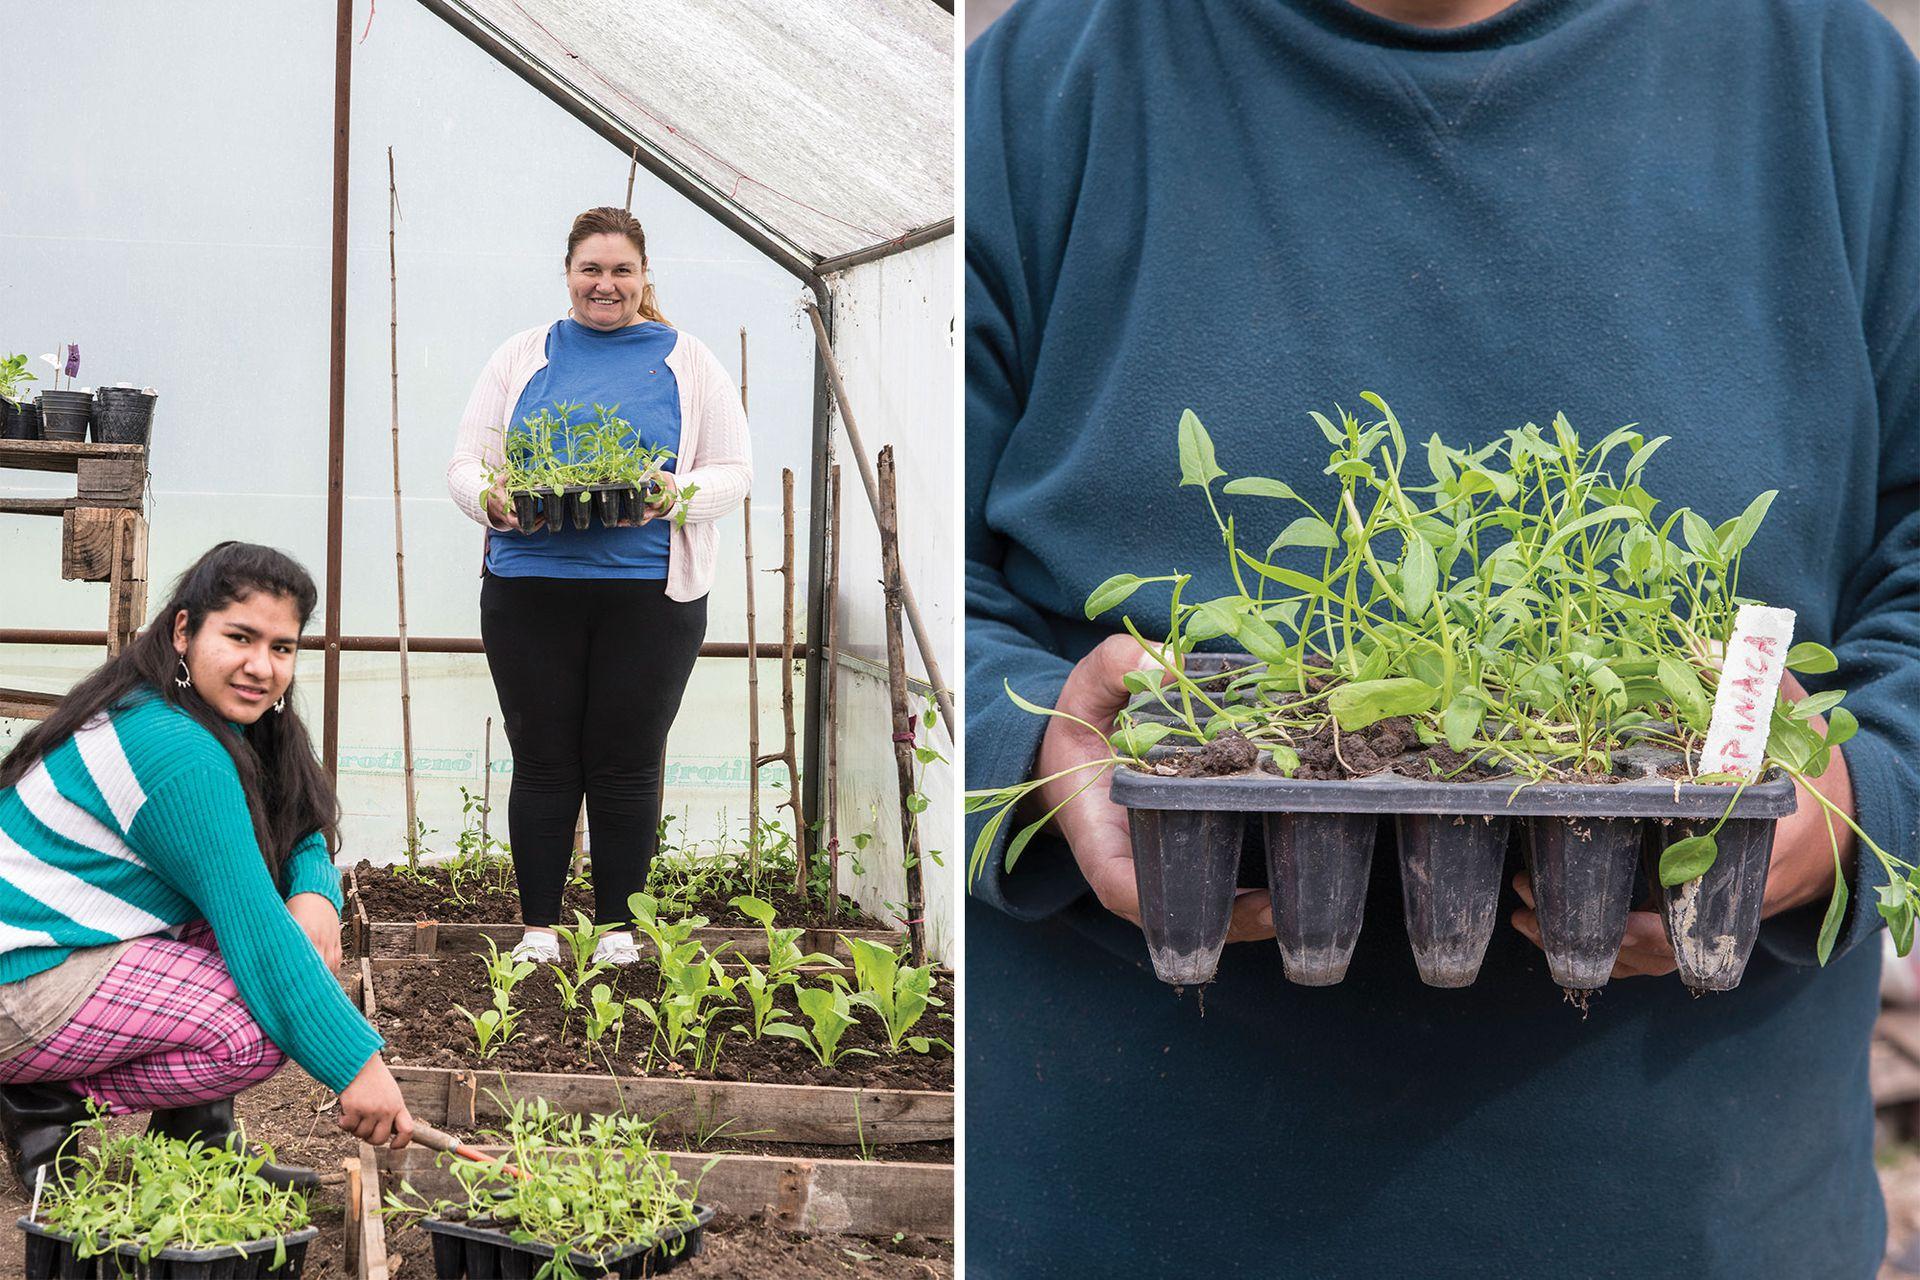 Celina y Verónica arreglan los plantines en el invernadero